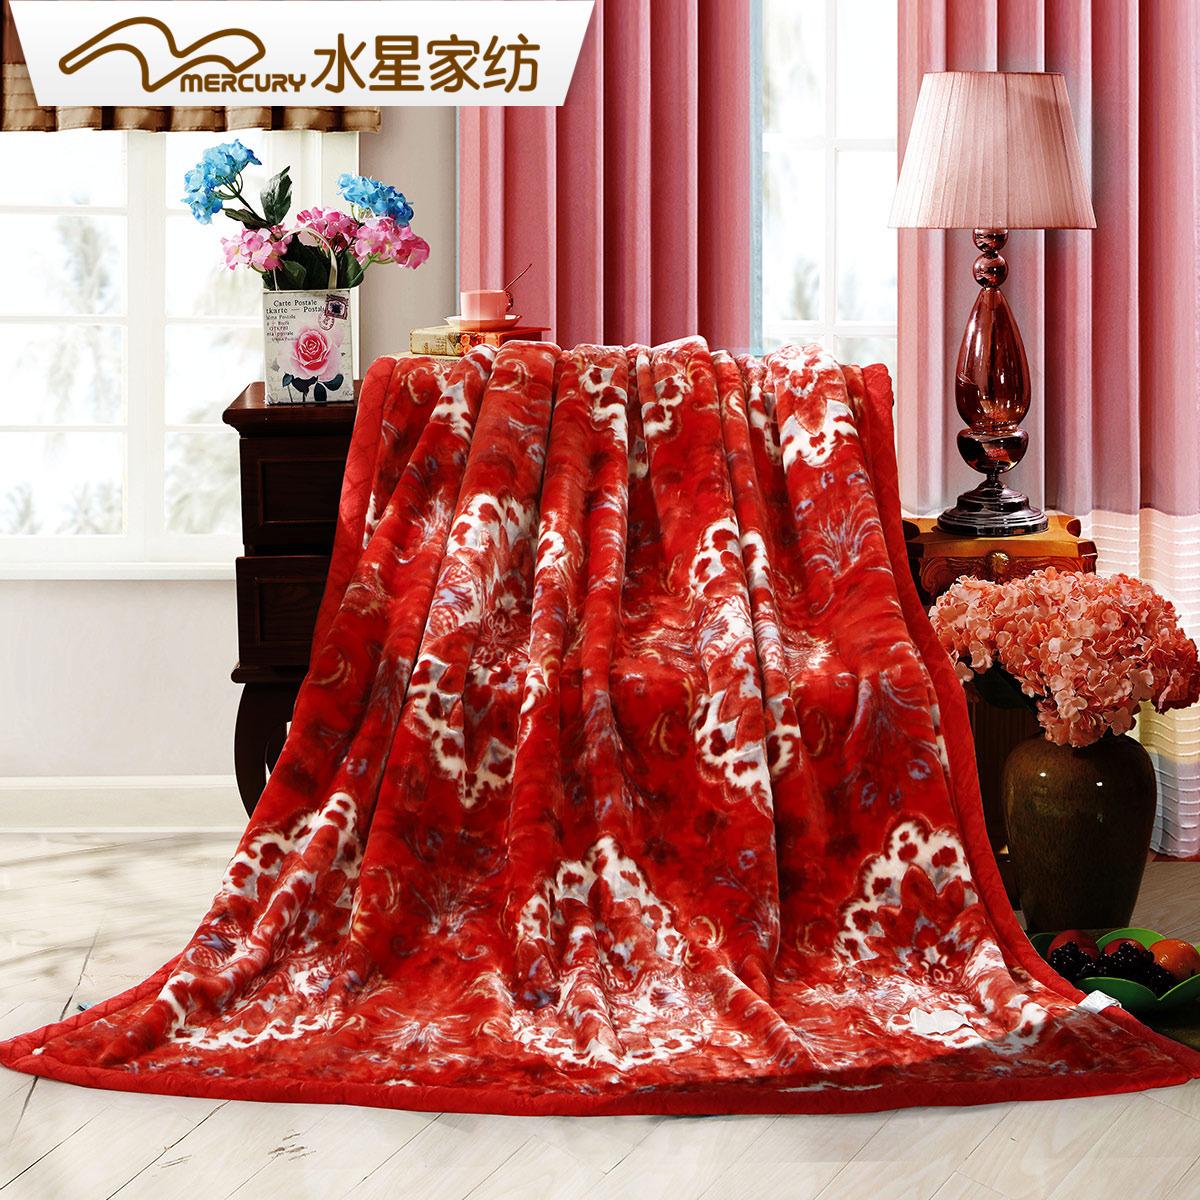 水星家纺拉舍尔毛毯双层加厚保暖毯子单双人春秋冬季盖毯床单被子